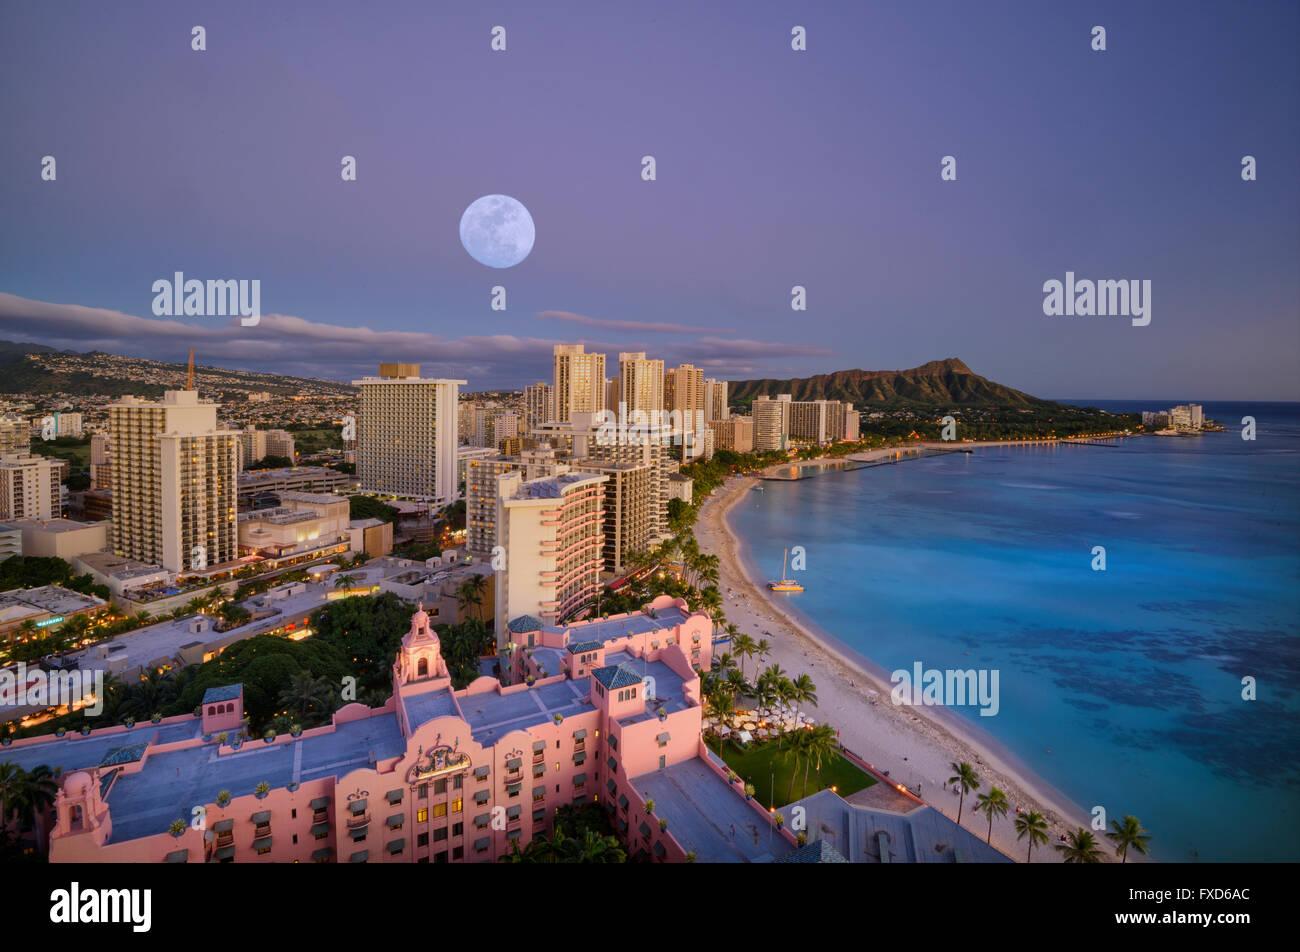 USA, Hawaii, Oahu, Honolulu, Waikiki, moon over the beach (m) - Stock Image